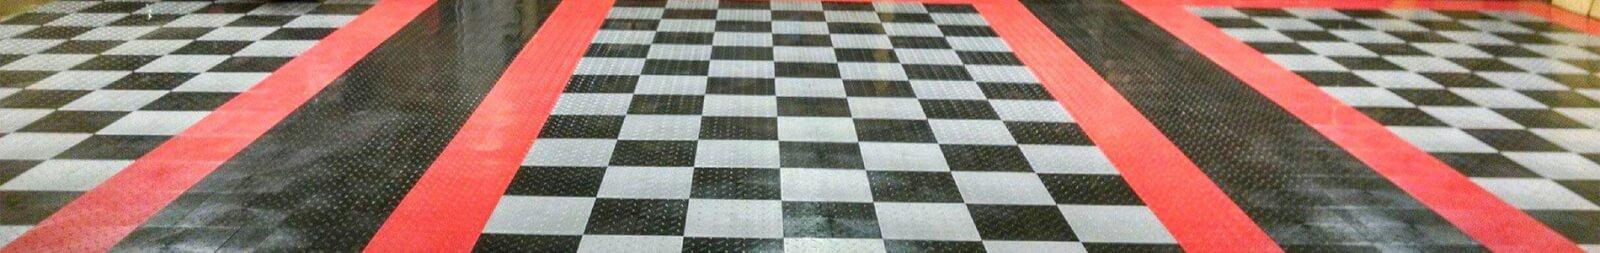 $1.99 garage floor tile sale